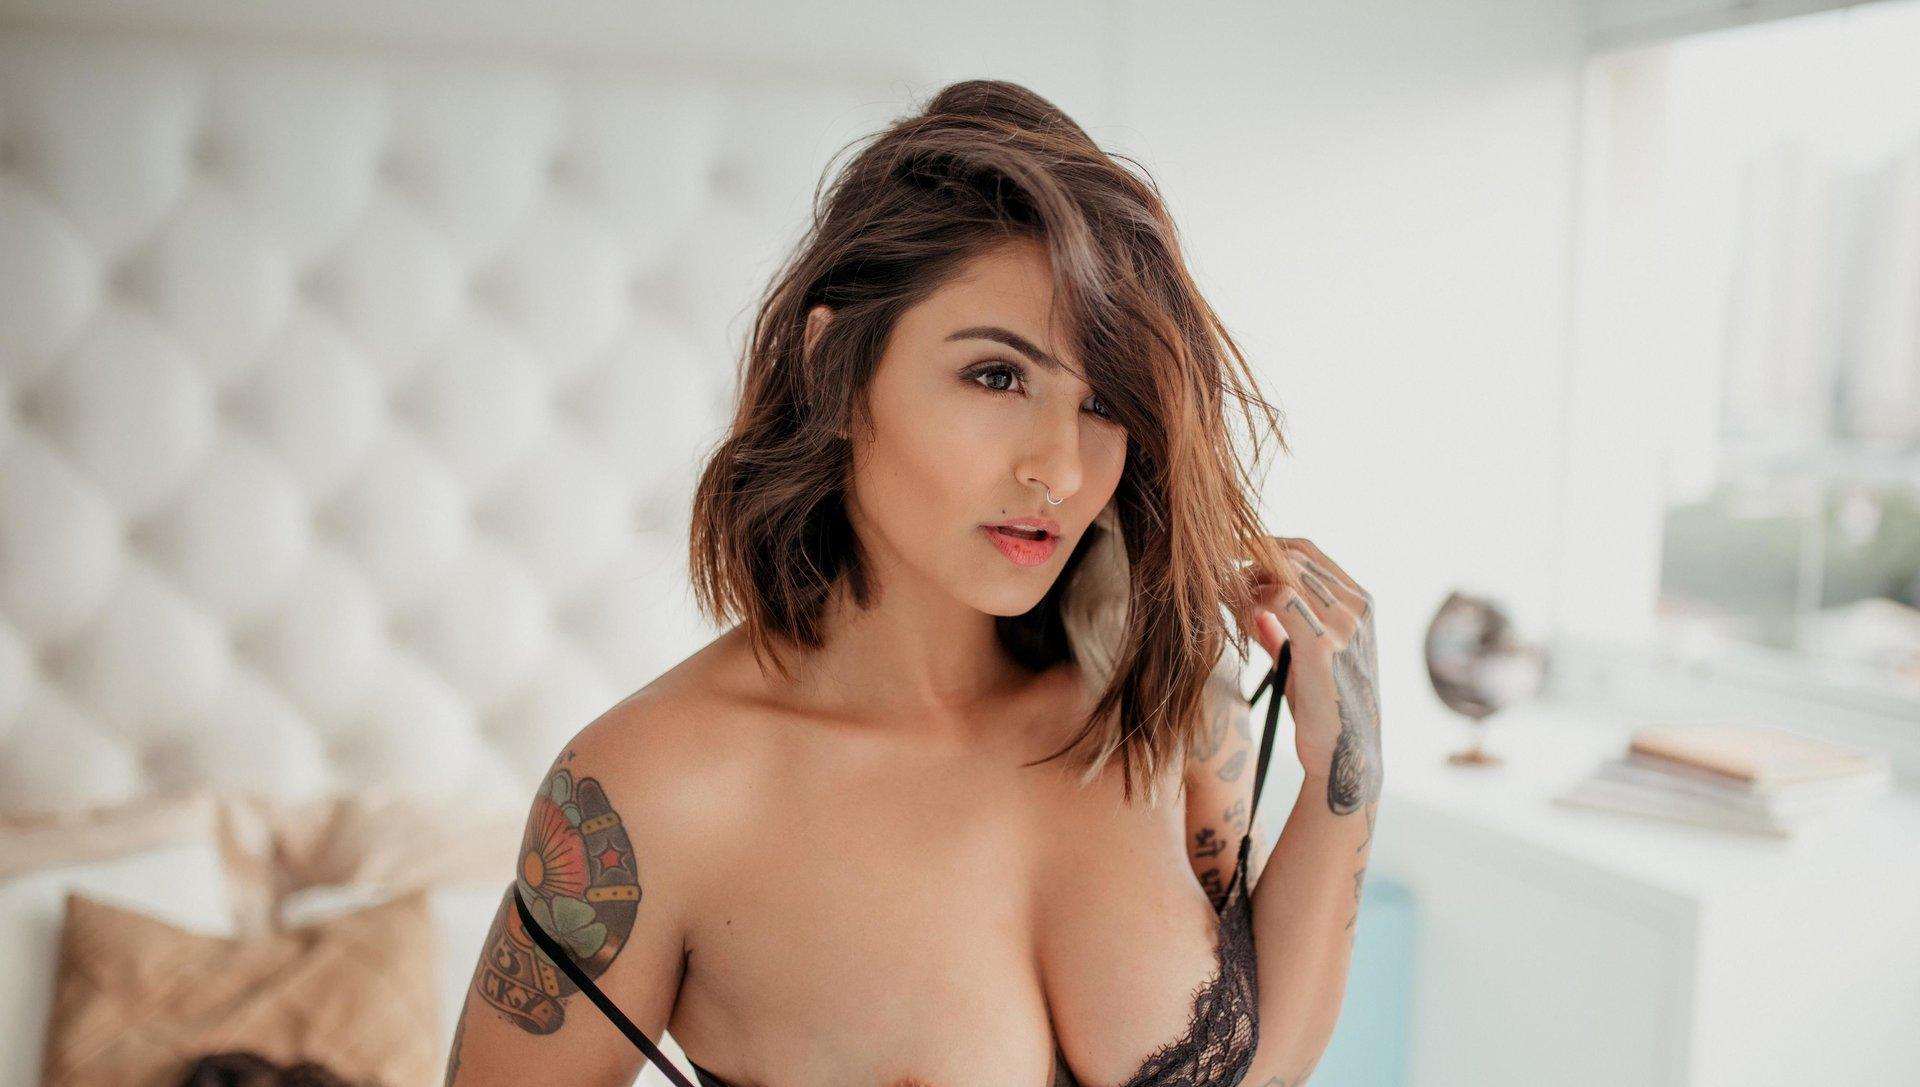 Cau Fertonani Cauuution Onlyfans Nude Leaks 0015